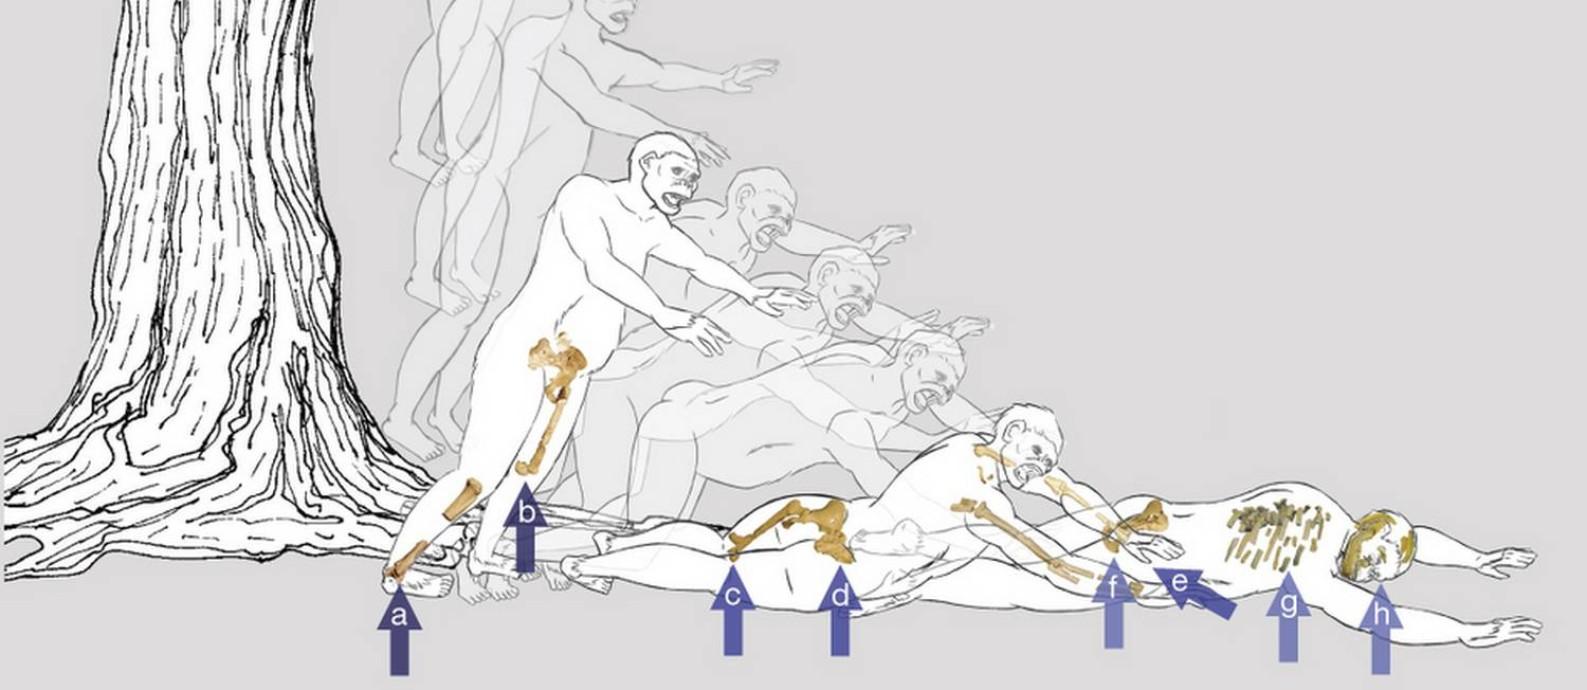 Ilustração mostra como teria sido a queda de Lucy, com indicação dos principais ferimentos observados em seu esqueleto Foto: John Kappelman/Nature